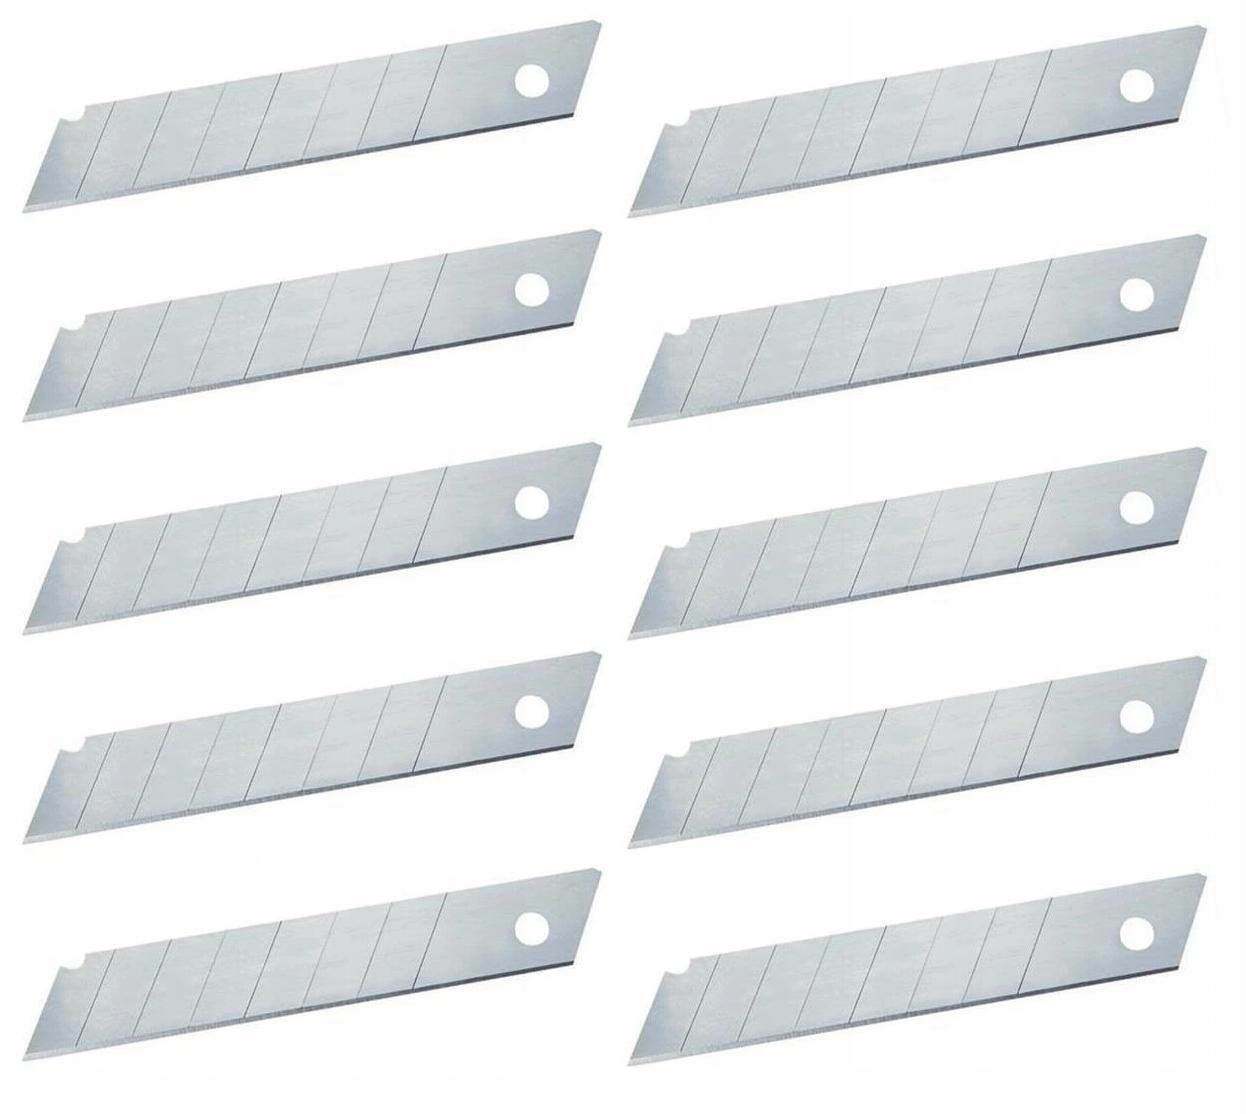 Nôž Nôž na tapety Blades 18mm Kazety zásoby 10 ks